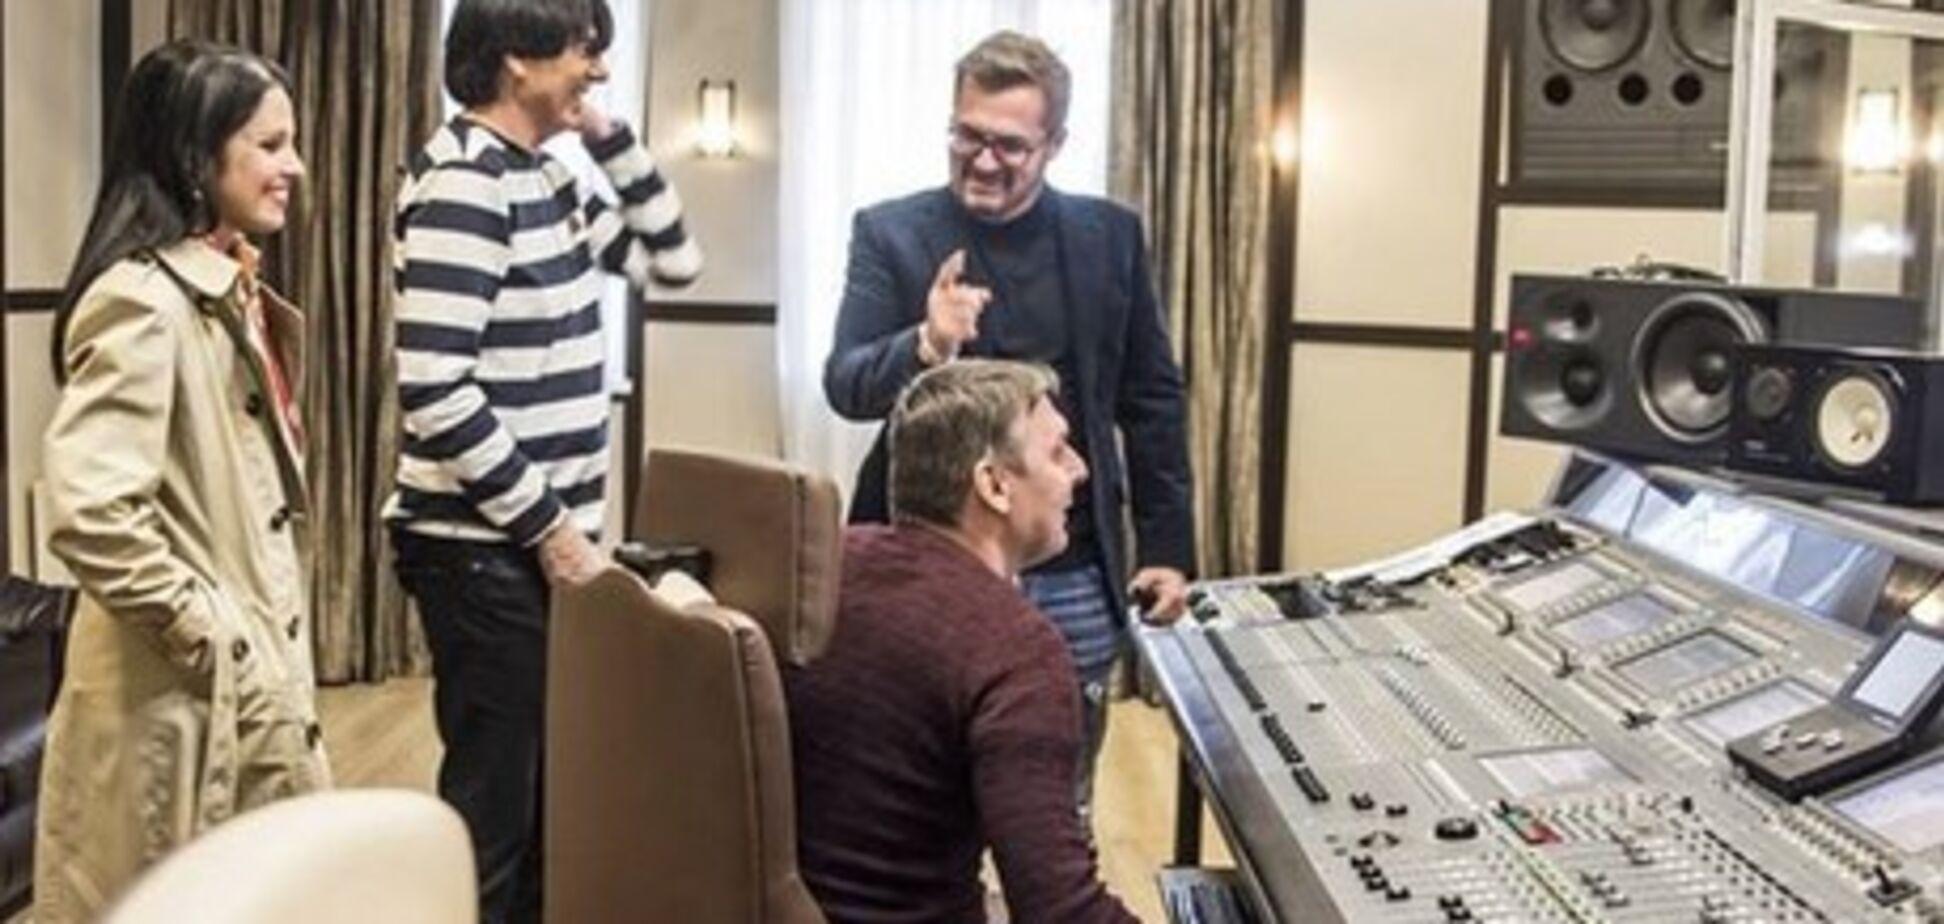 Зустріч із легендою: український співак заінтригував проектом із відомим колегою